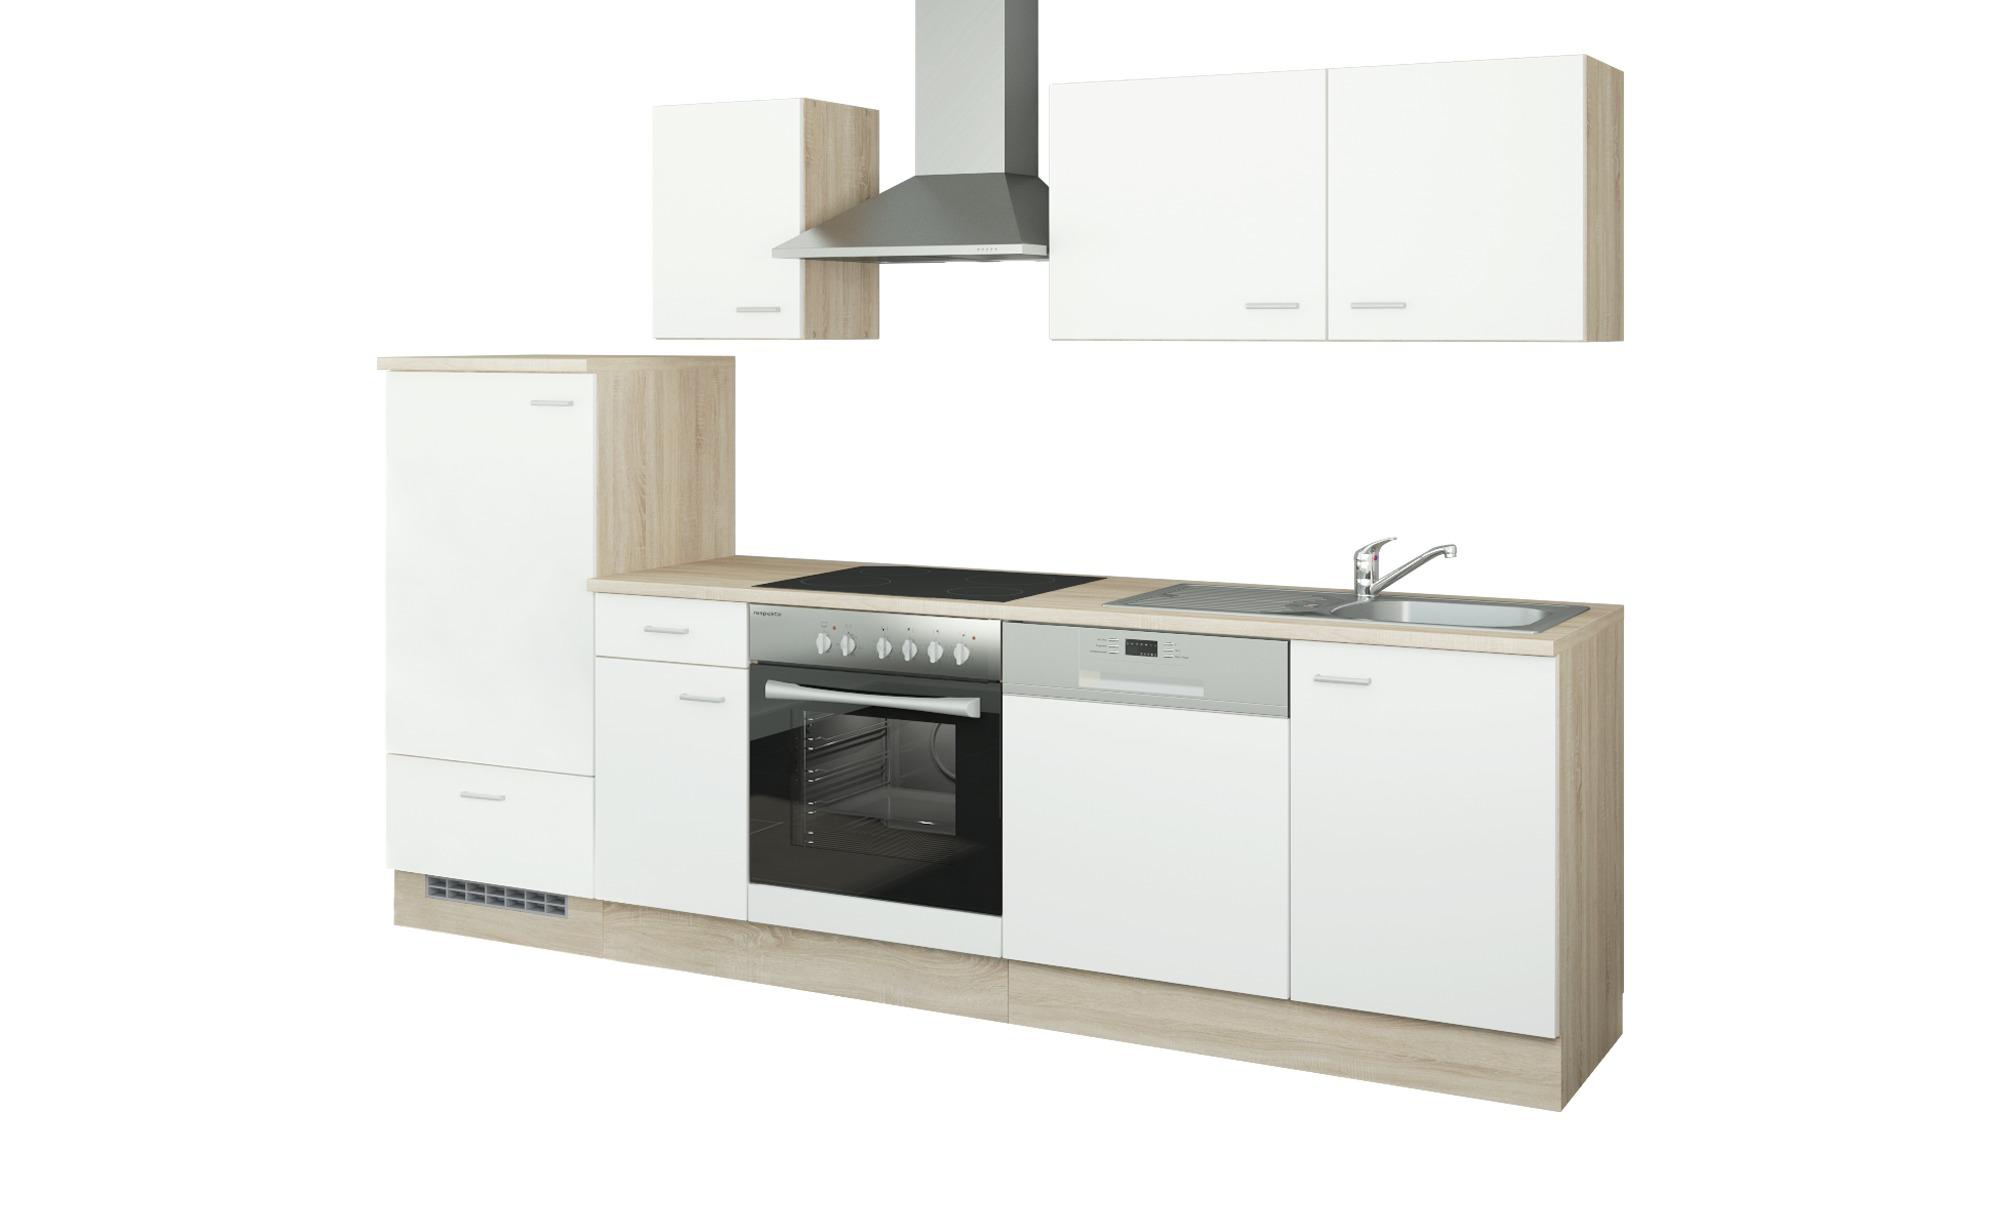 uno Küchenzeile mit Elektrogeräten  Berlin ¦ weiß Küchen > Küchenblöcke mit E-Geräten - Höffner